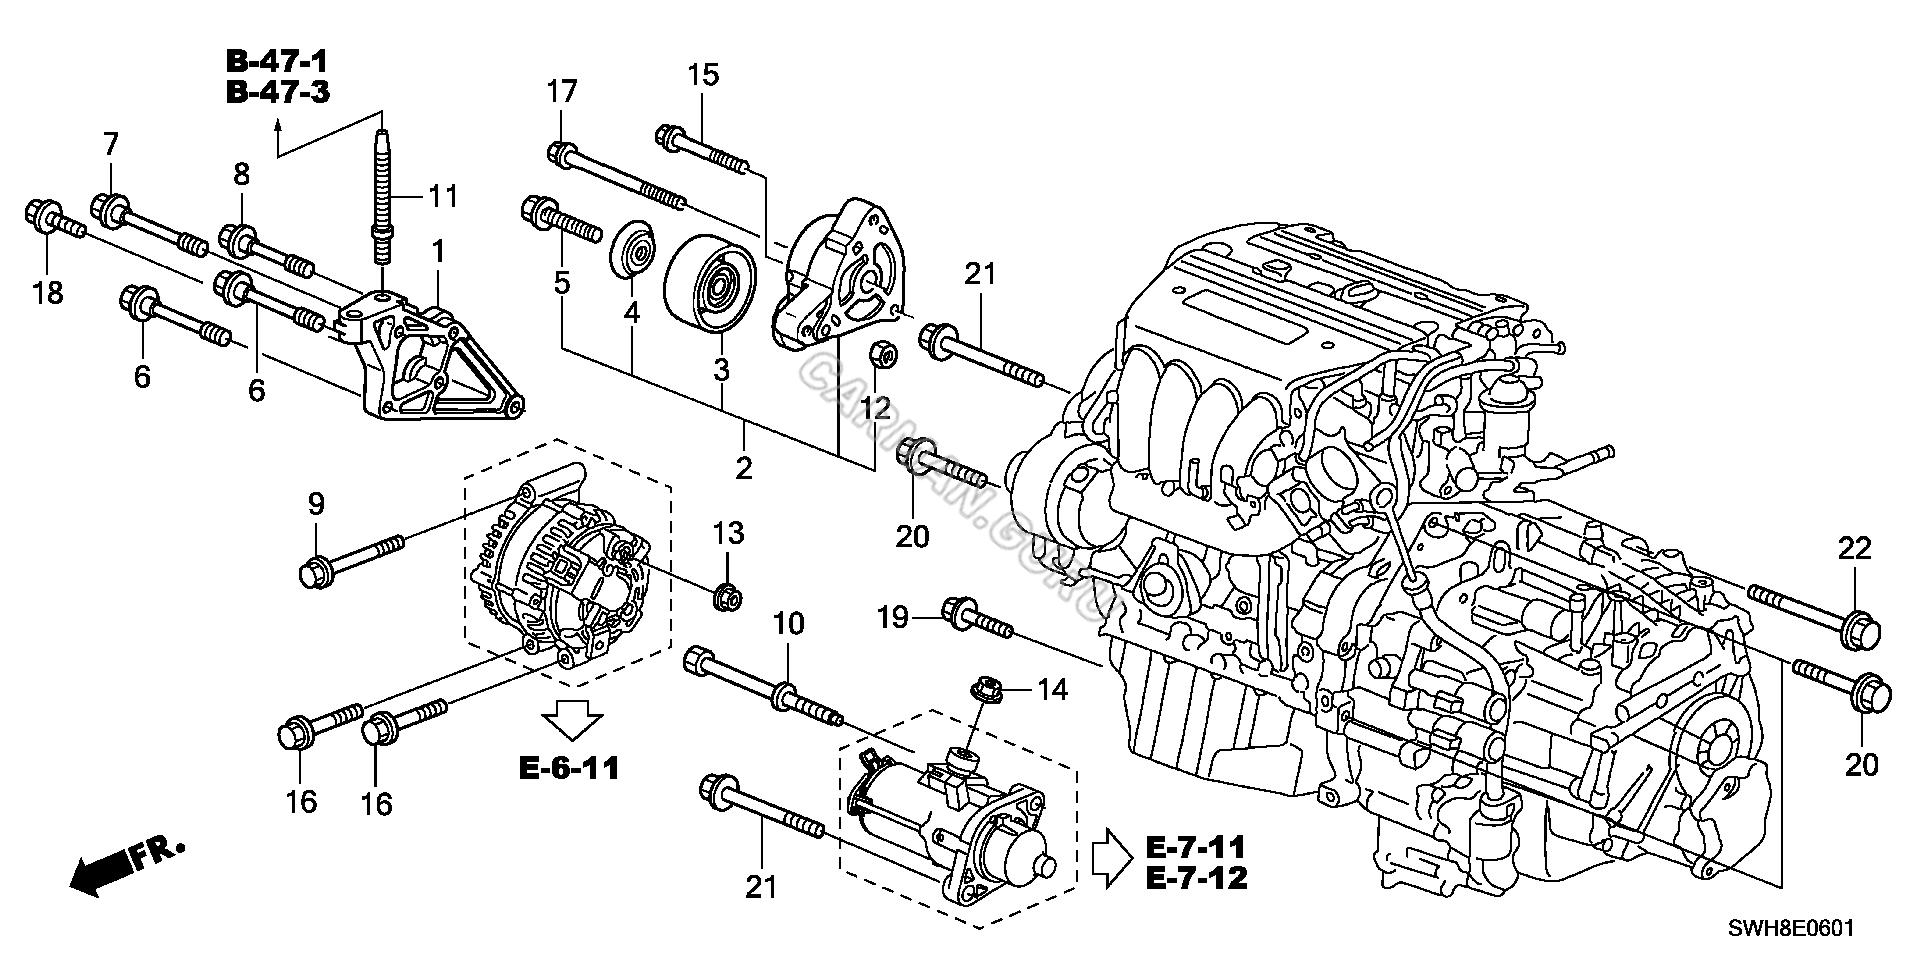 2004 400ex wiring schematic 400ex engine diagram wiring diagram data  400ex engine diagram wiring diagram data